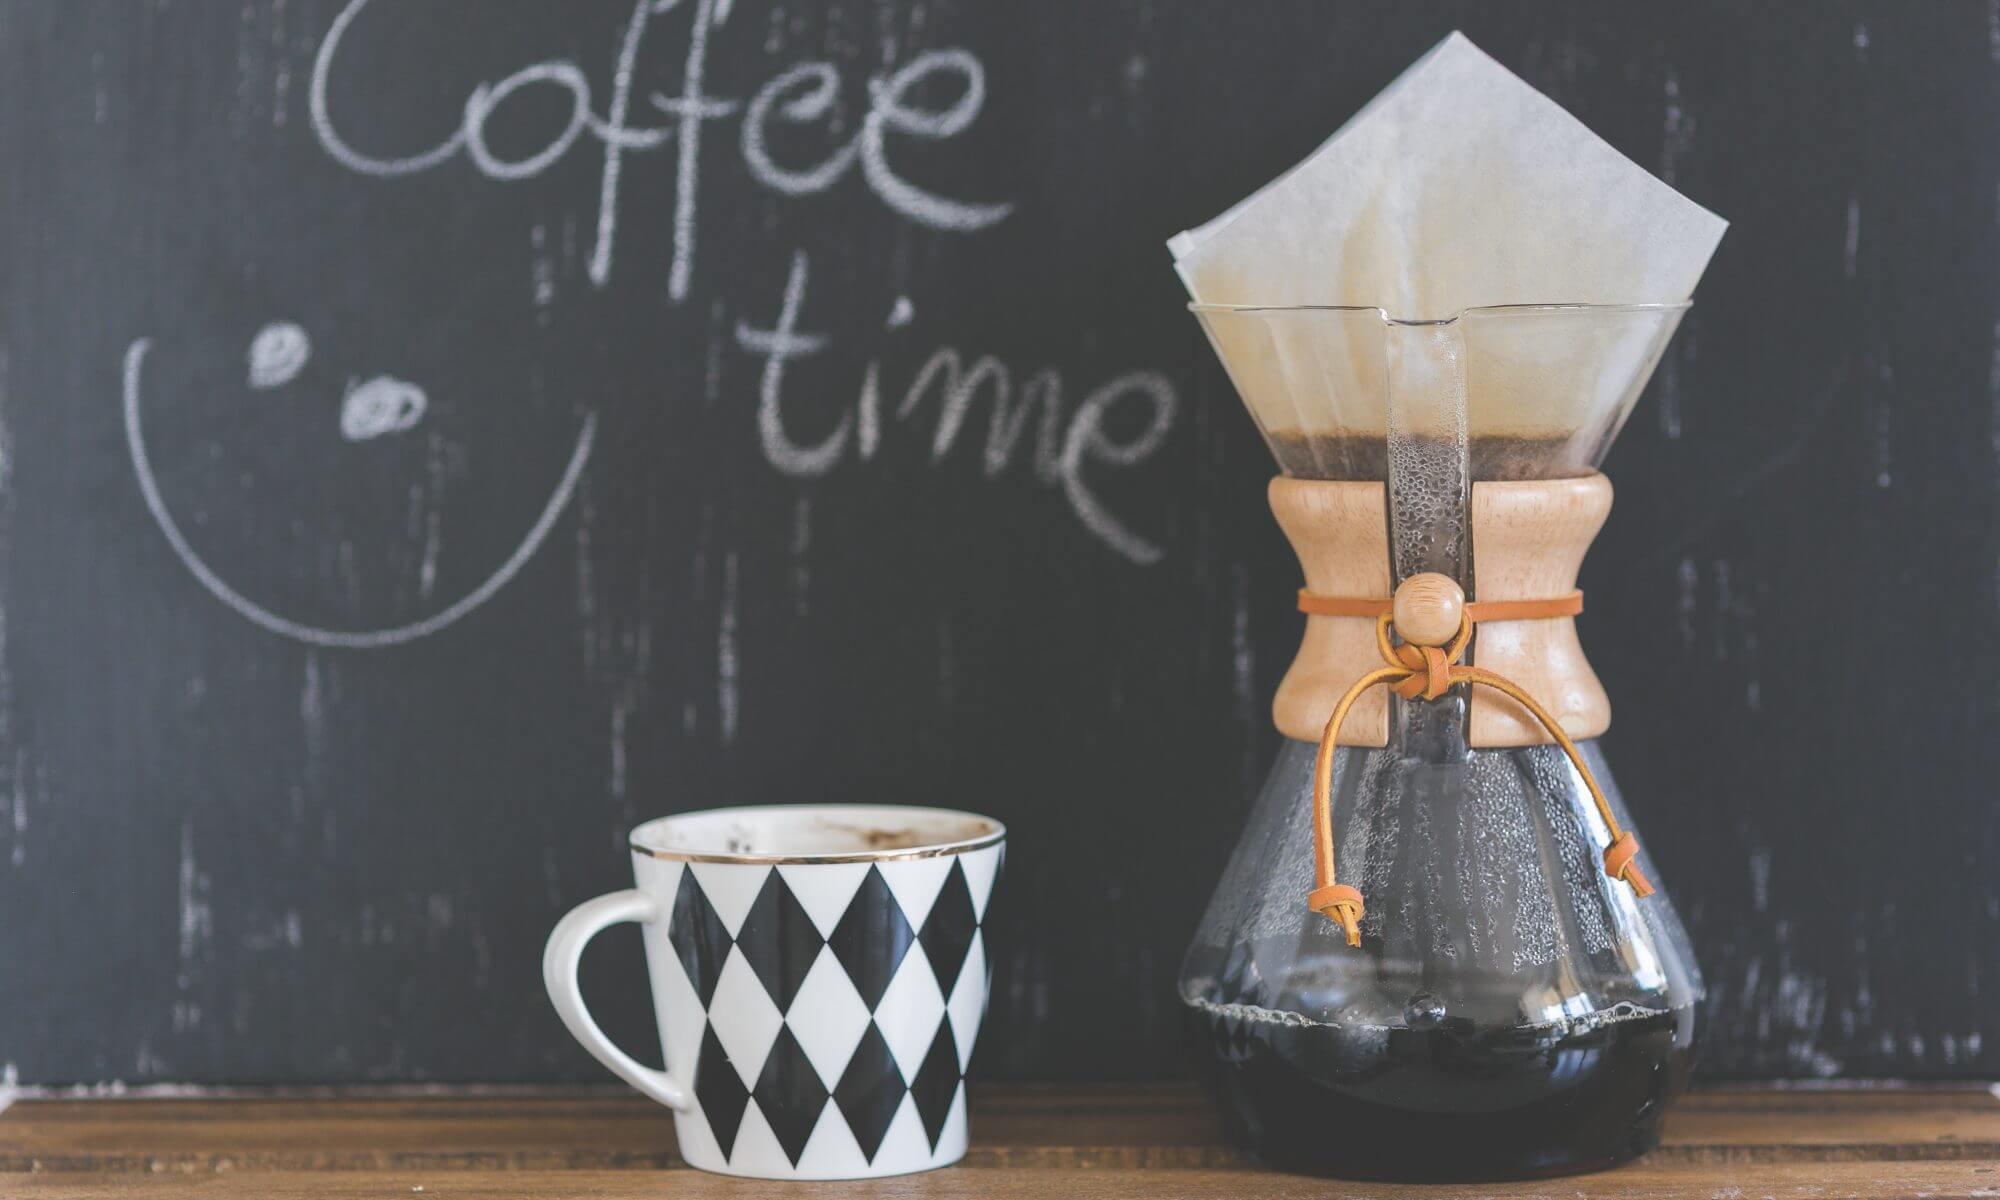 Bienvenue, un p'tit café?